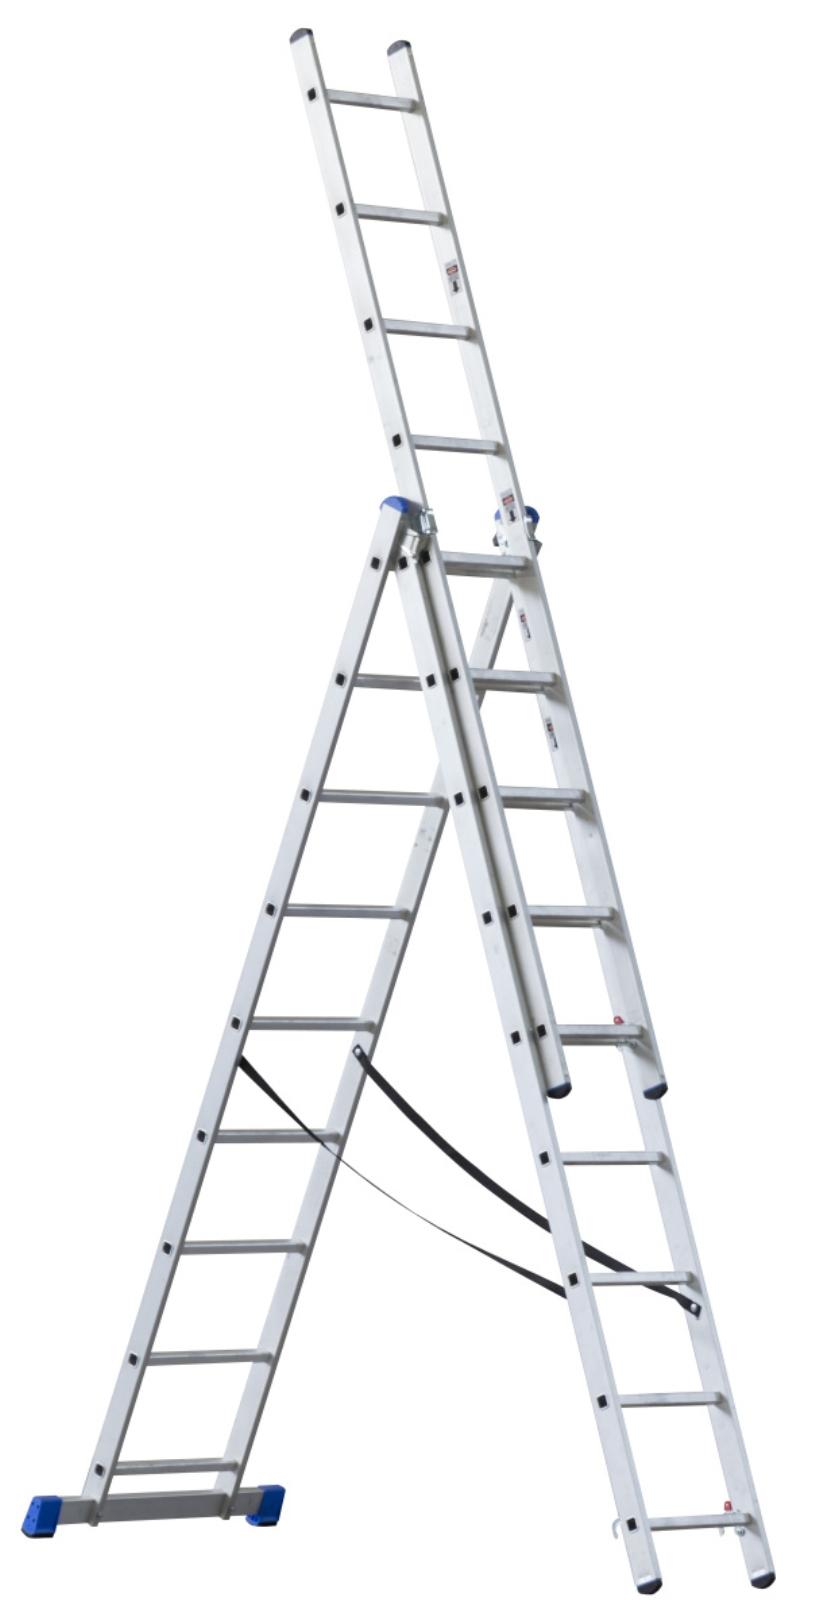 G21 Třídílný žebřík 5,9 m 3 x 9 příček - G21 6390384